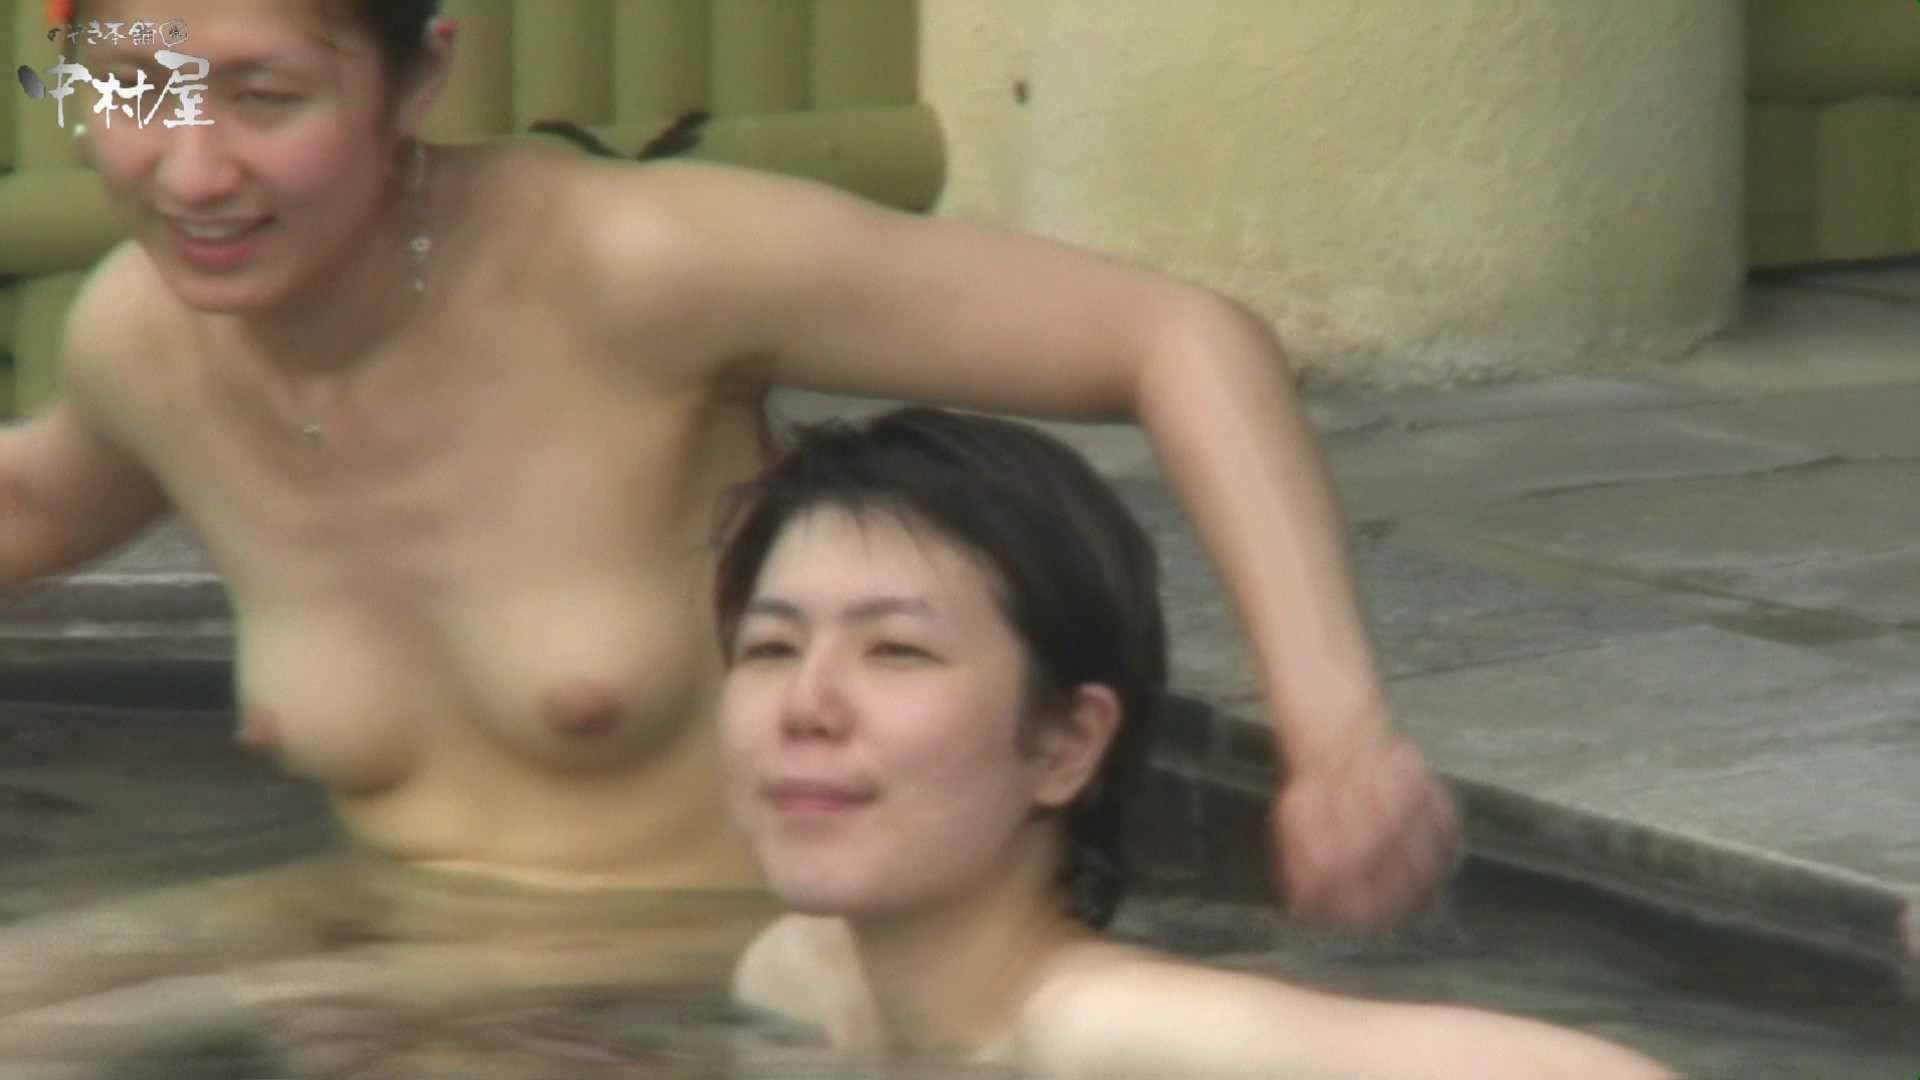 Aquaな露天風呂Vol.945 盗撮師作品 | 美しいOLの裸体  75pic 31